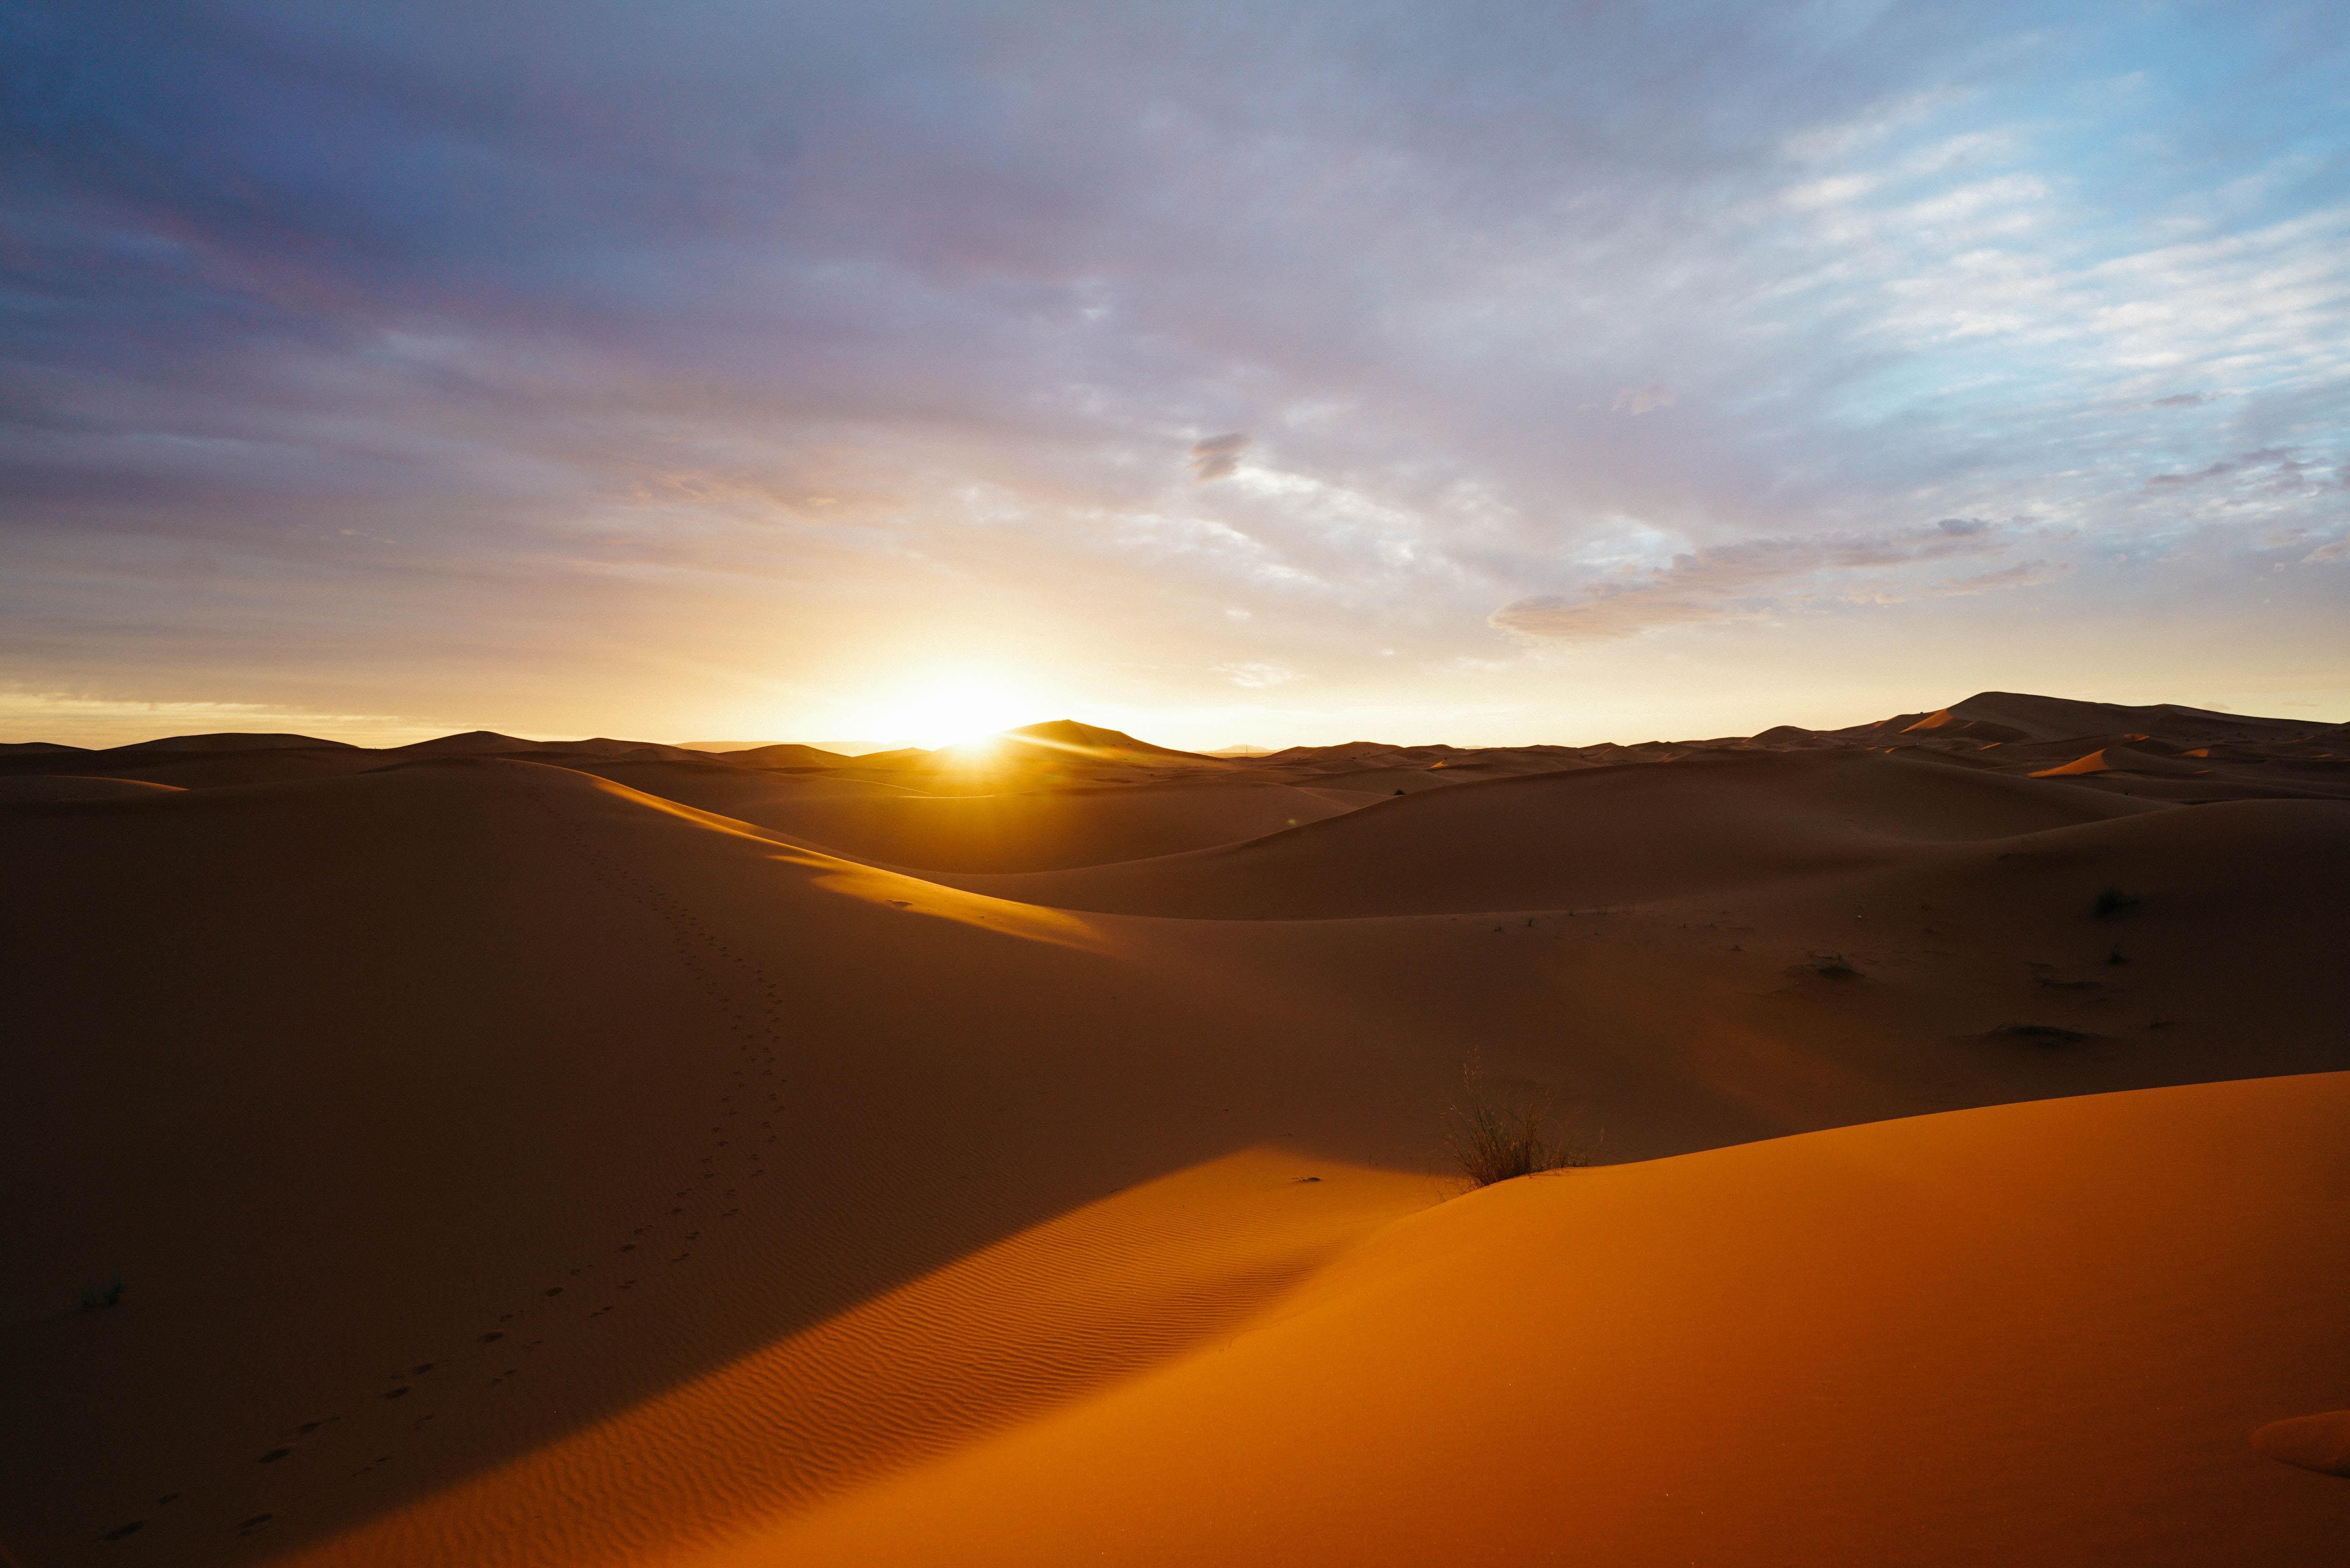 サハラ砂漠の観光はラクダに乗ってオアシスめぐり!絶景の夕日はおすすめ!